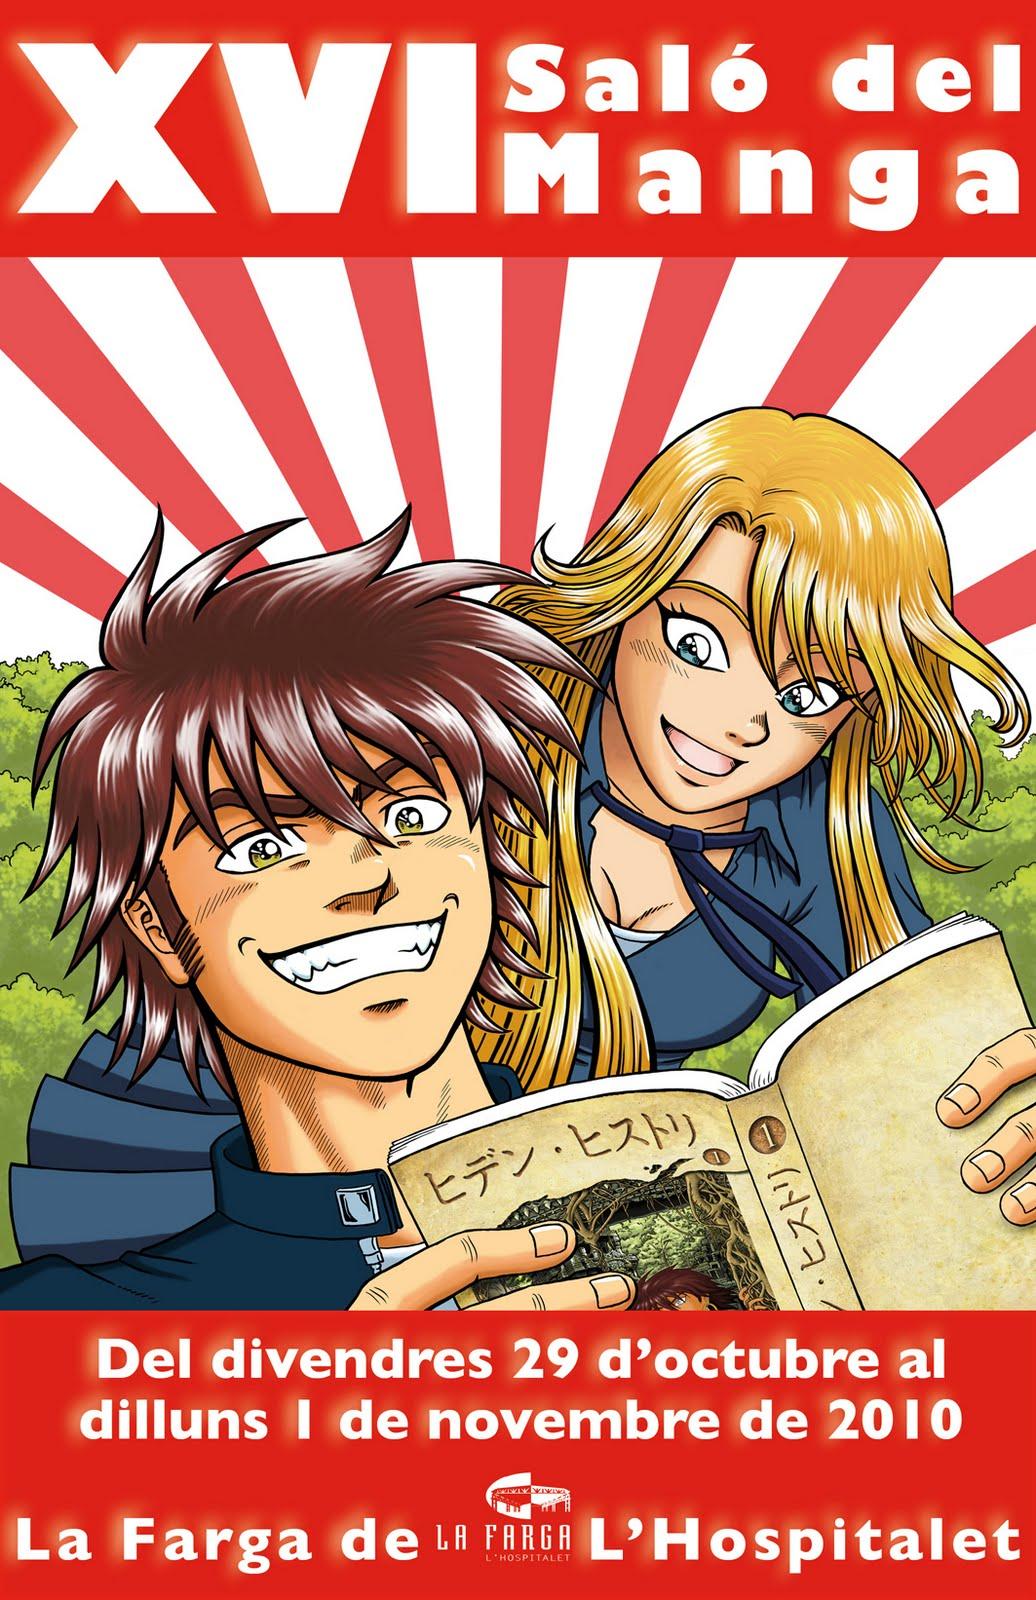 Saló del Manga 2010